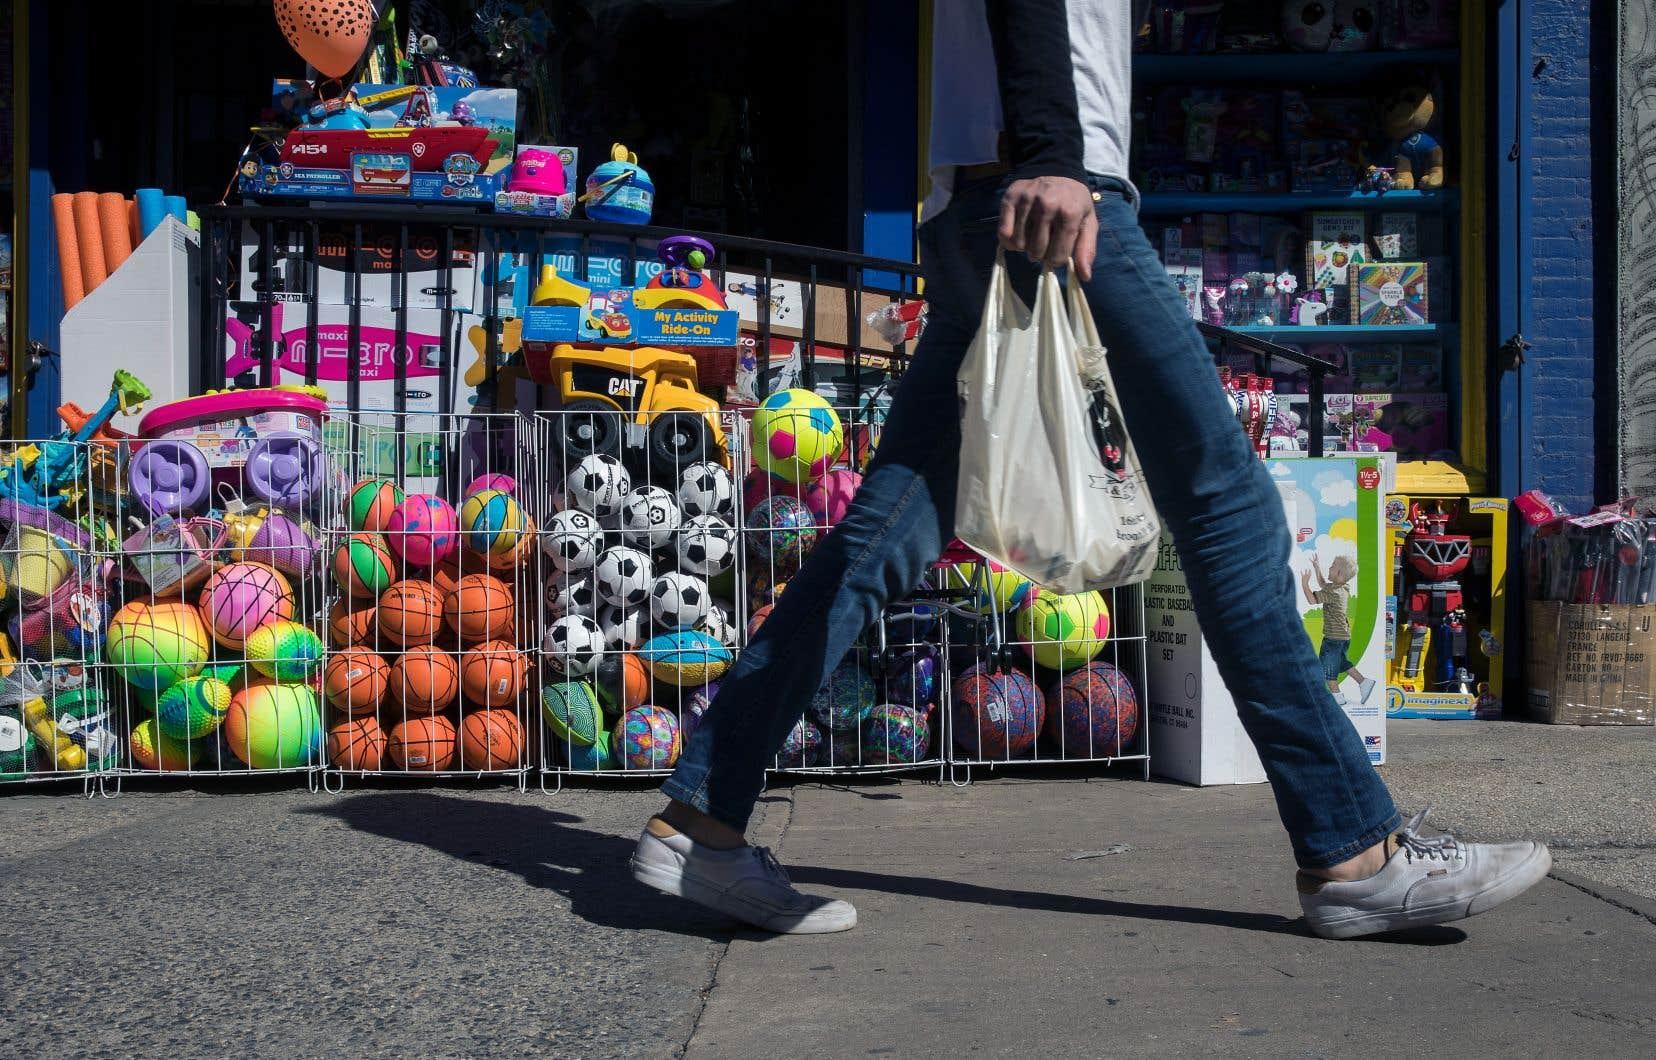 De solides dépenses de consommation, qui ont augmenté de 3,8%, le rythme le plus rapide depuis la fin de l'année dernière, ont tiré la forte croissance aux États-Unis.